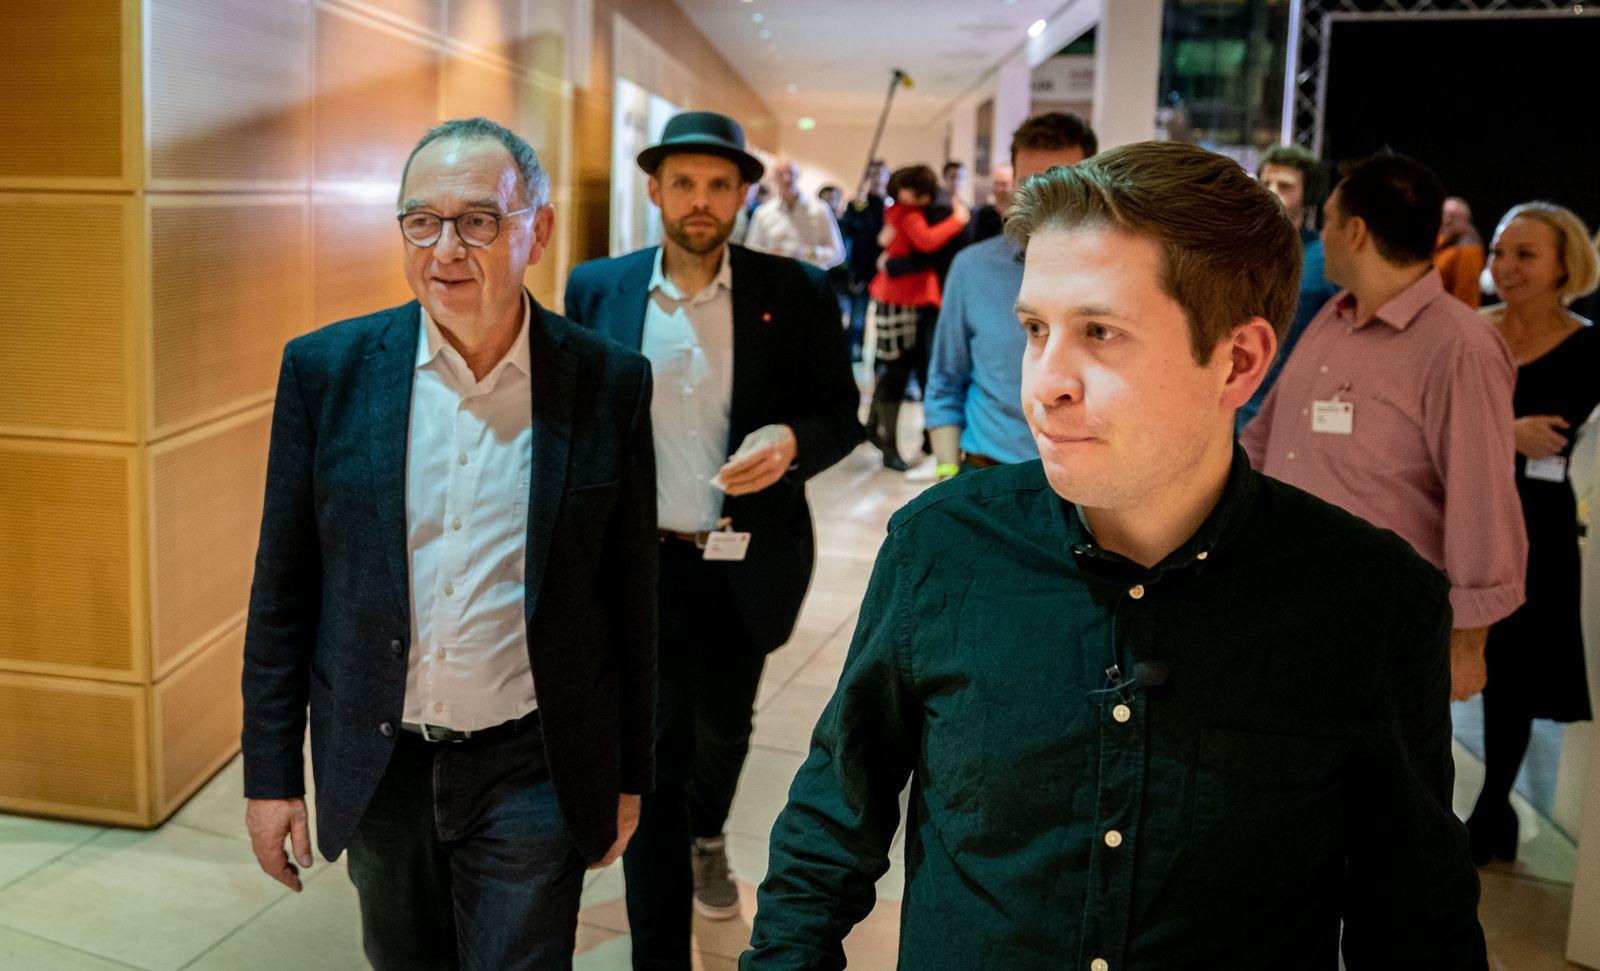 Walter Borjans / Kevin Kühnert